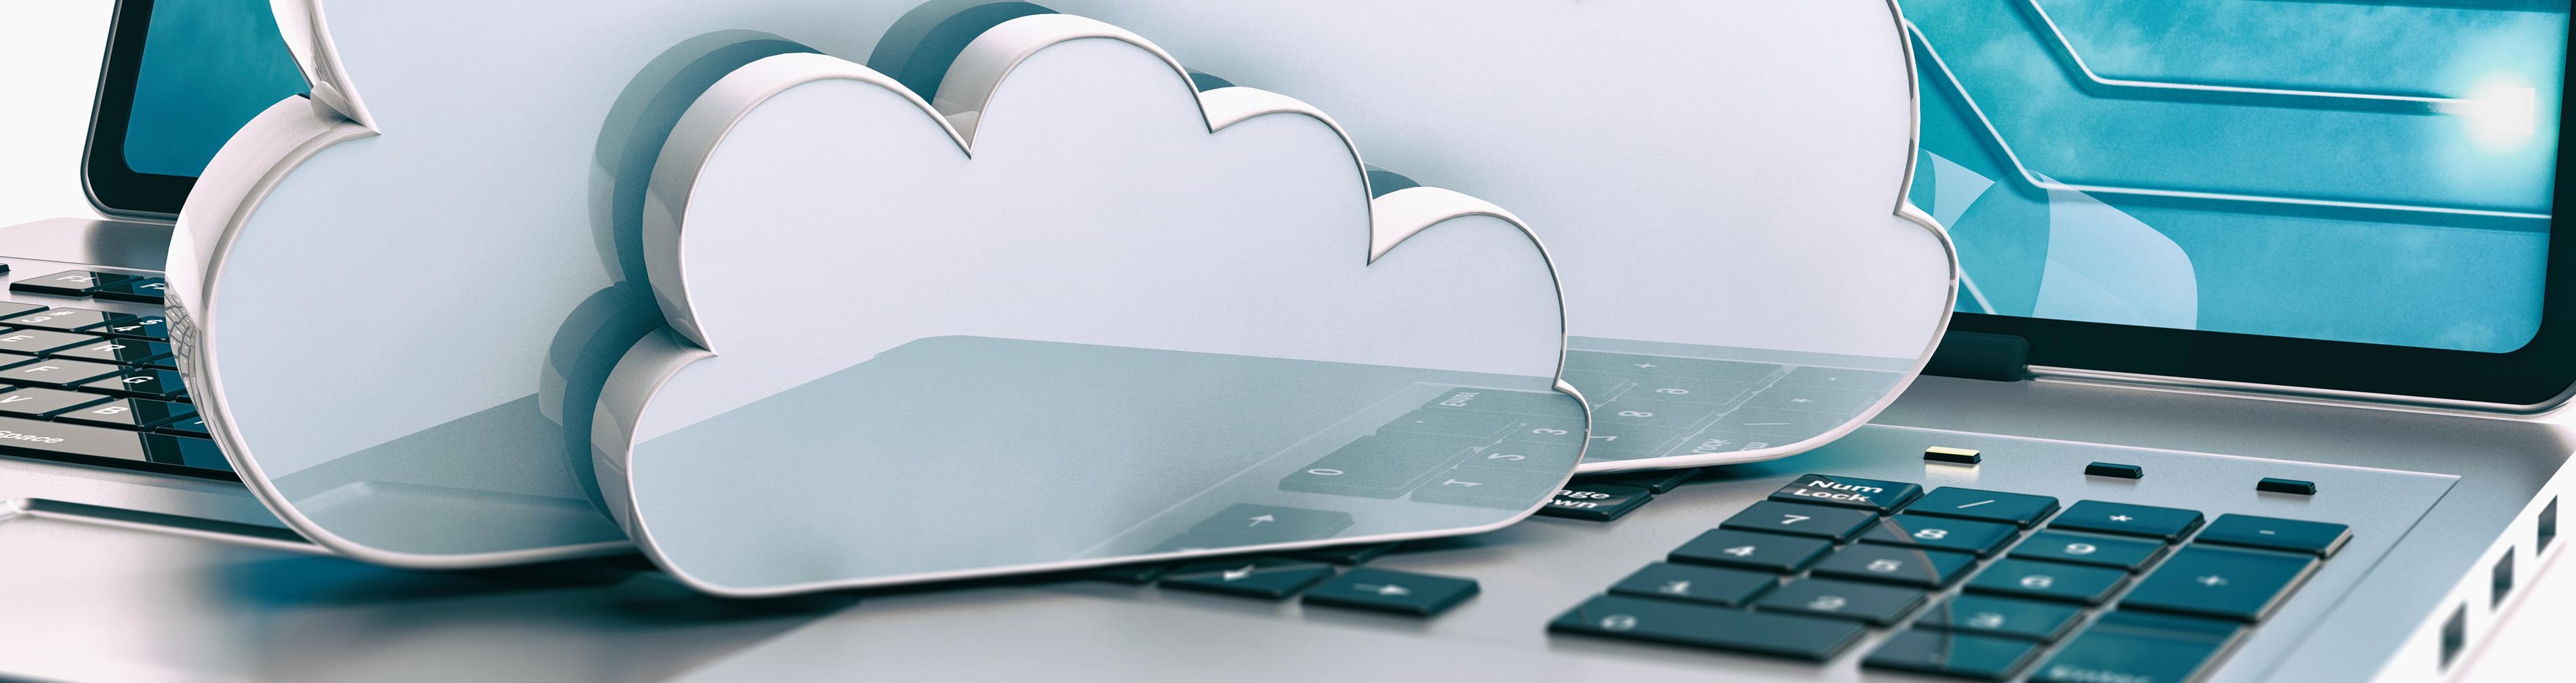 Cloud: Kritische Fragen, Versuch der Einordnung